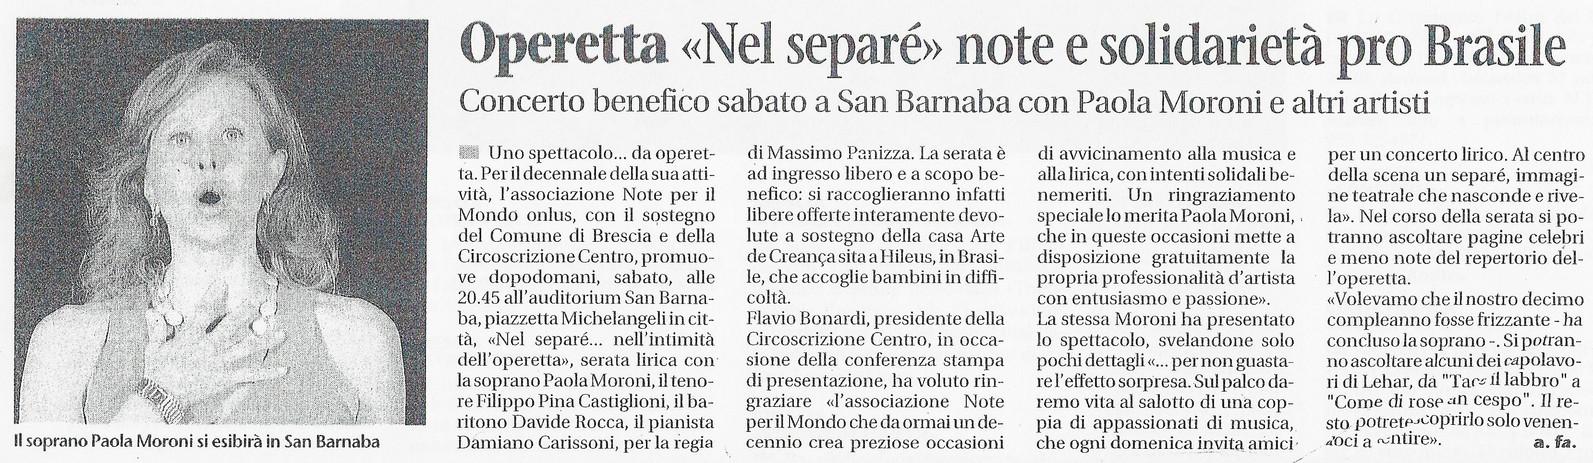 25 novembre 2011 Giornale di Brescia.jpg